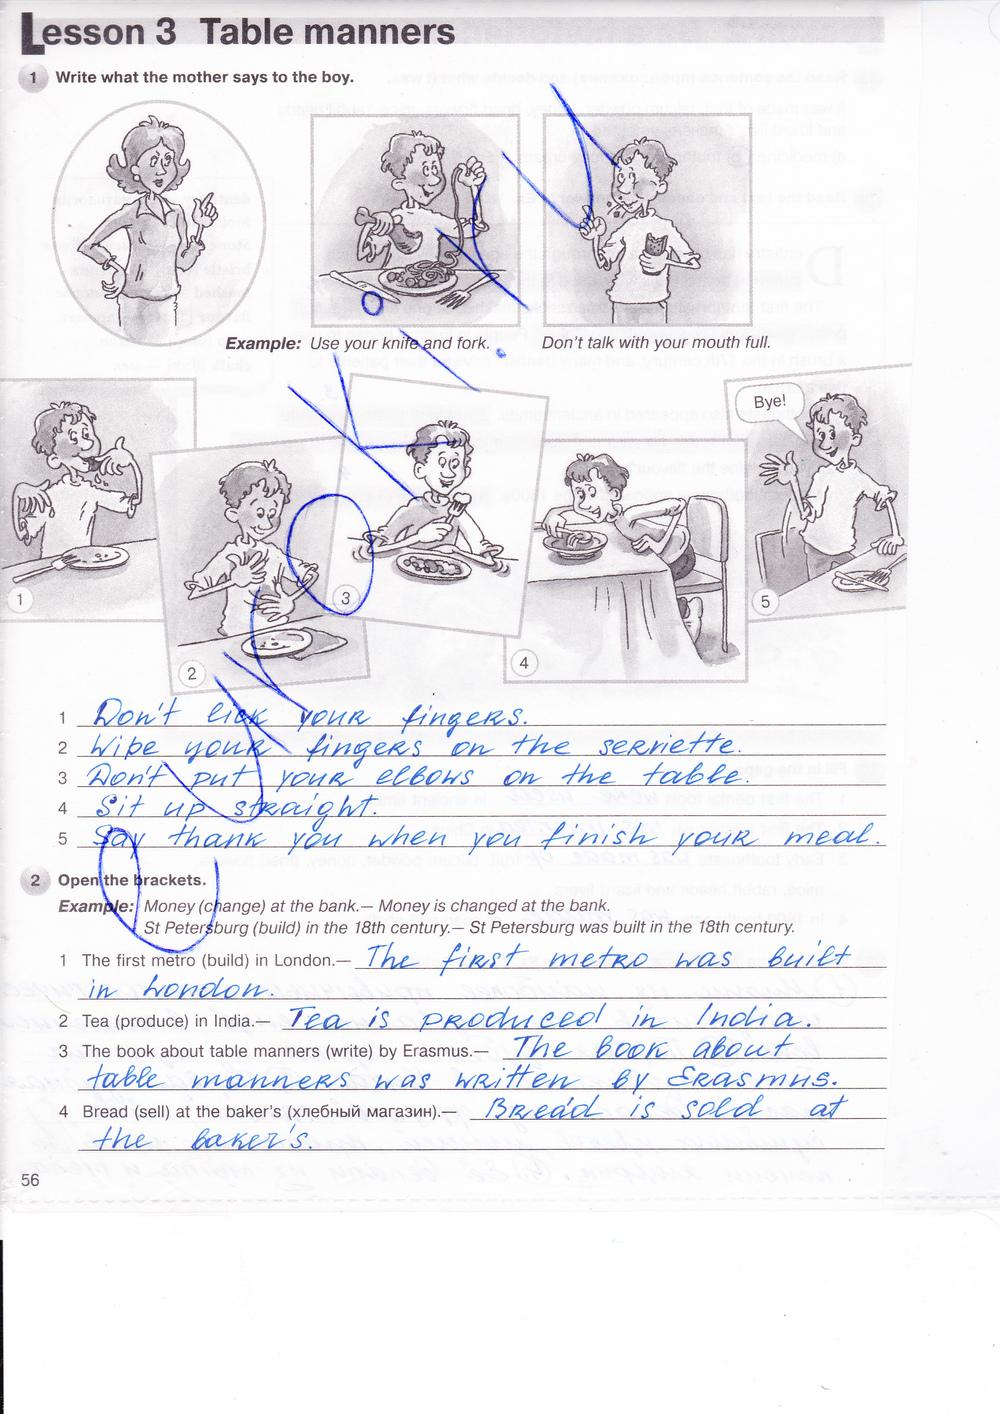 гдз по английскому в тетради 7 класс деревянко